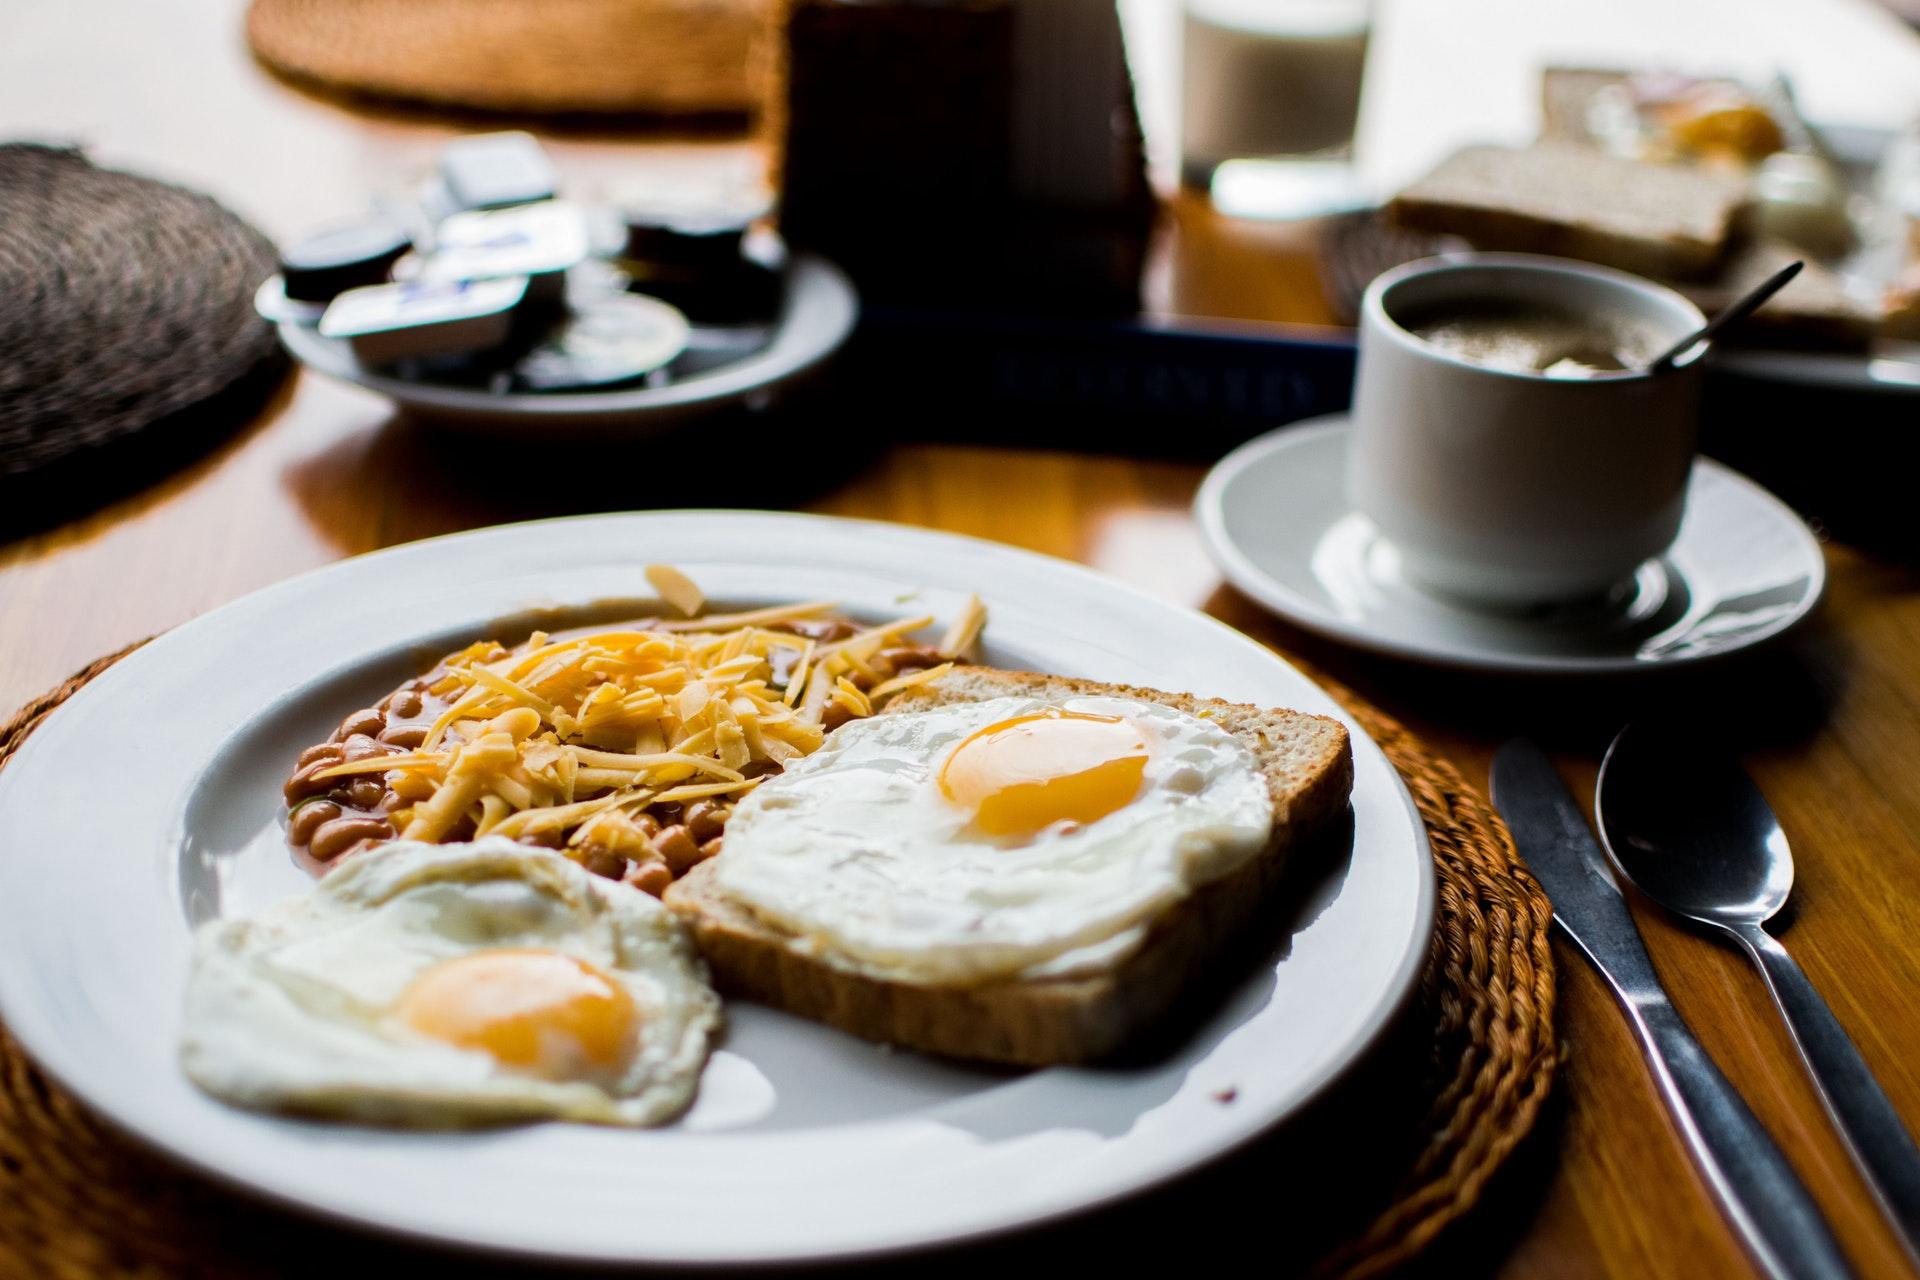 Easy Breakfast Tips For Getting Good Energy